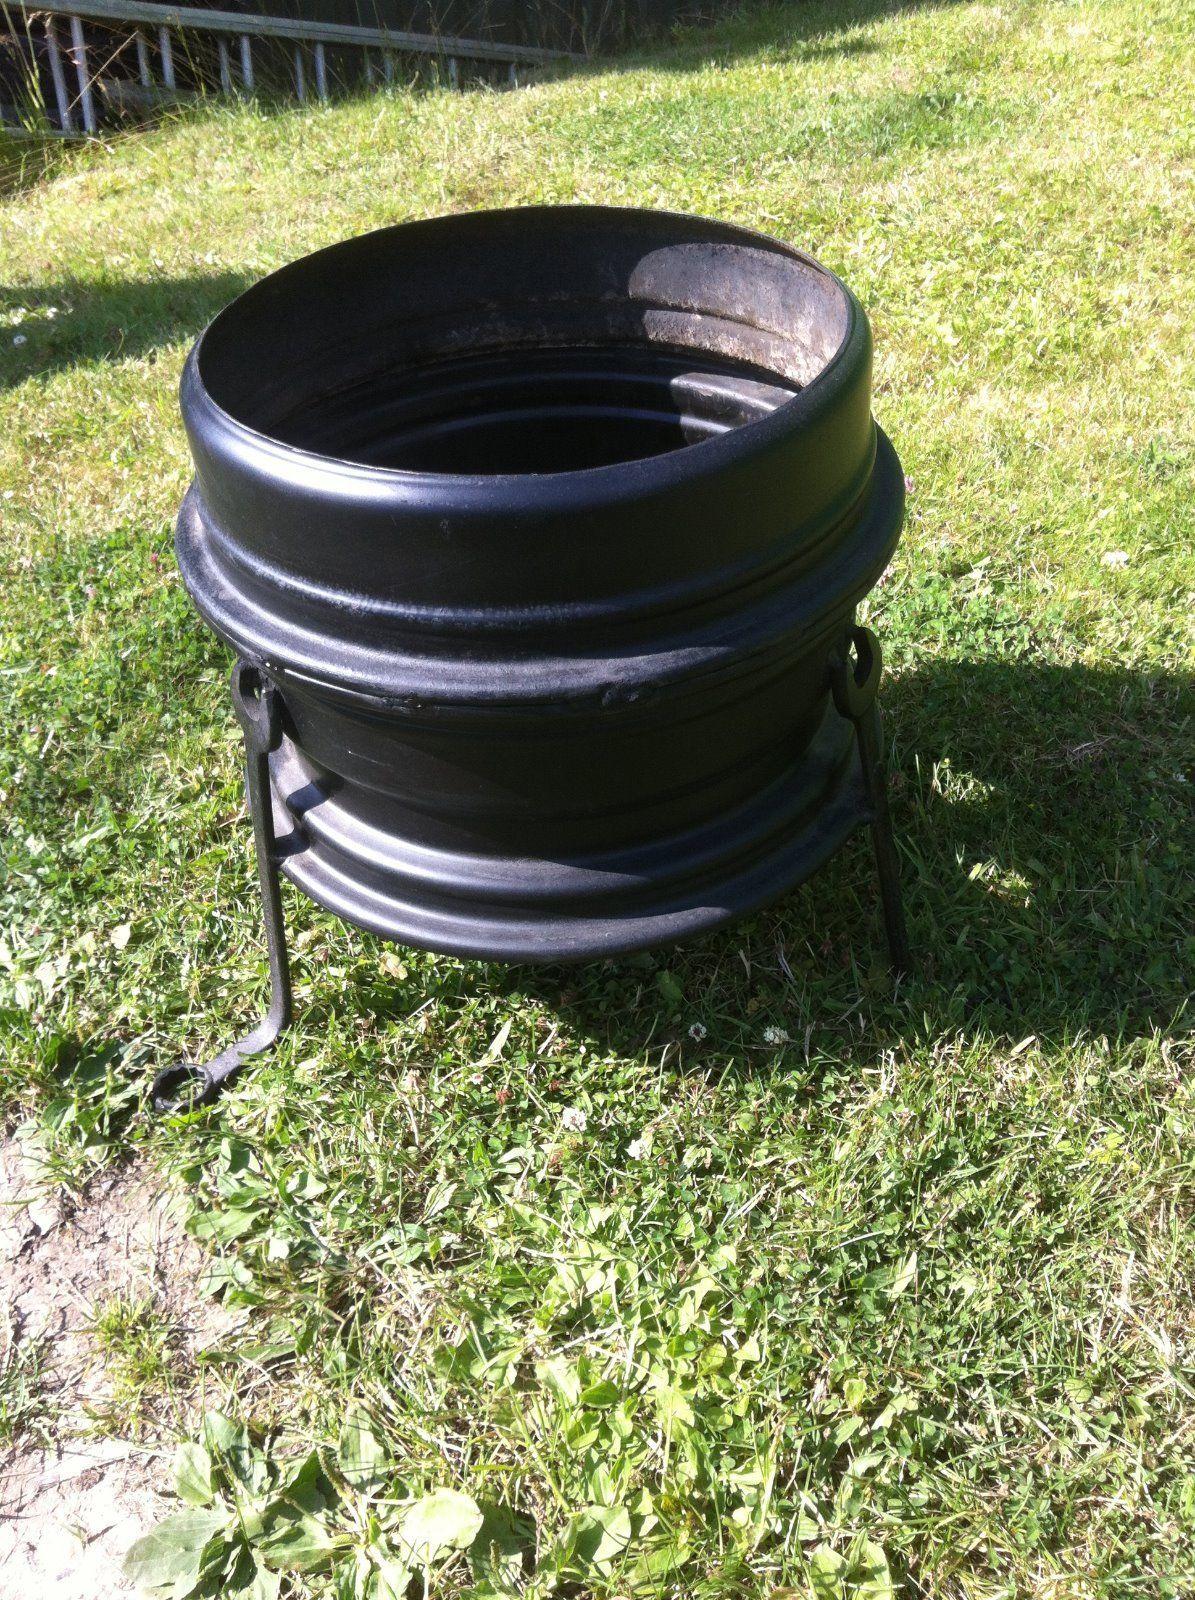 wheel fire pit | eBay | Patio stuff | Pinterest | eBay ...